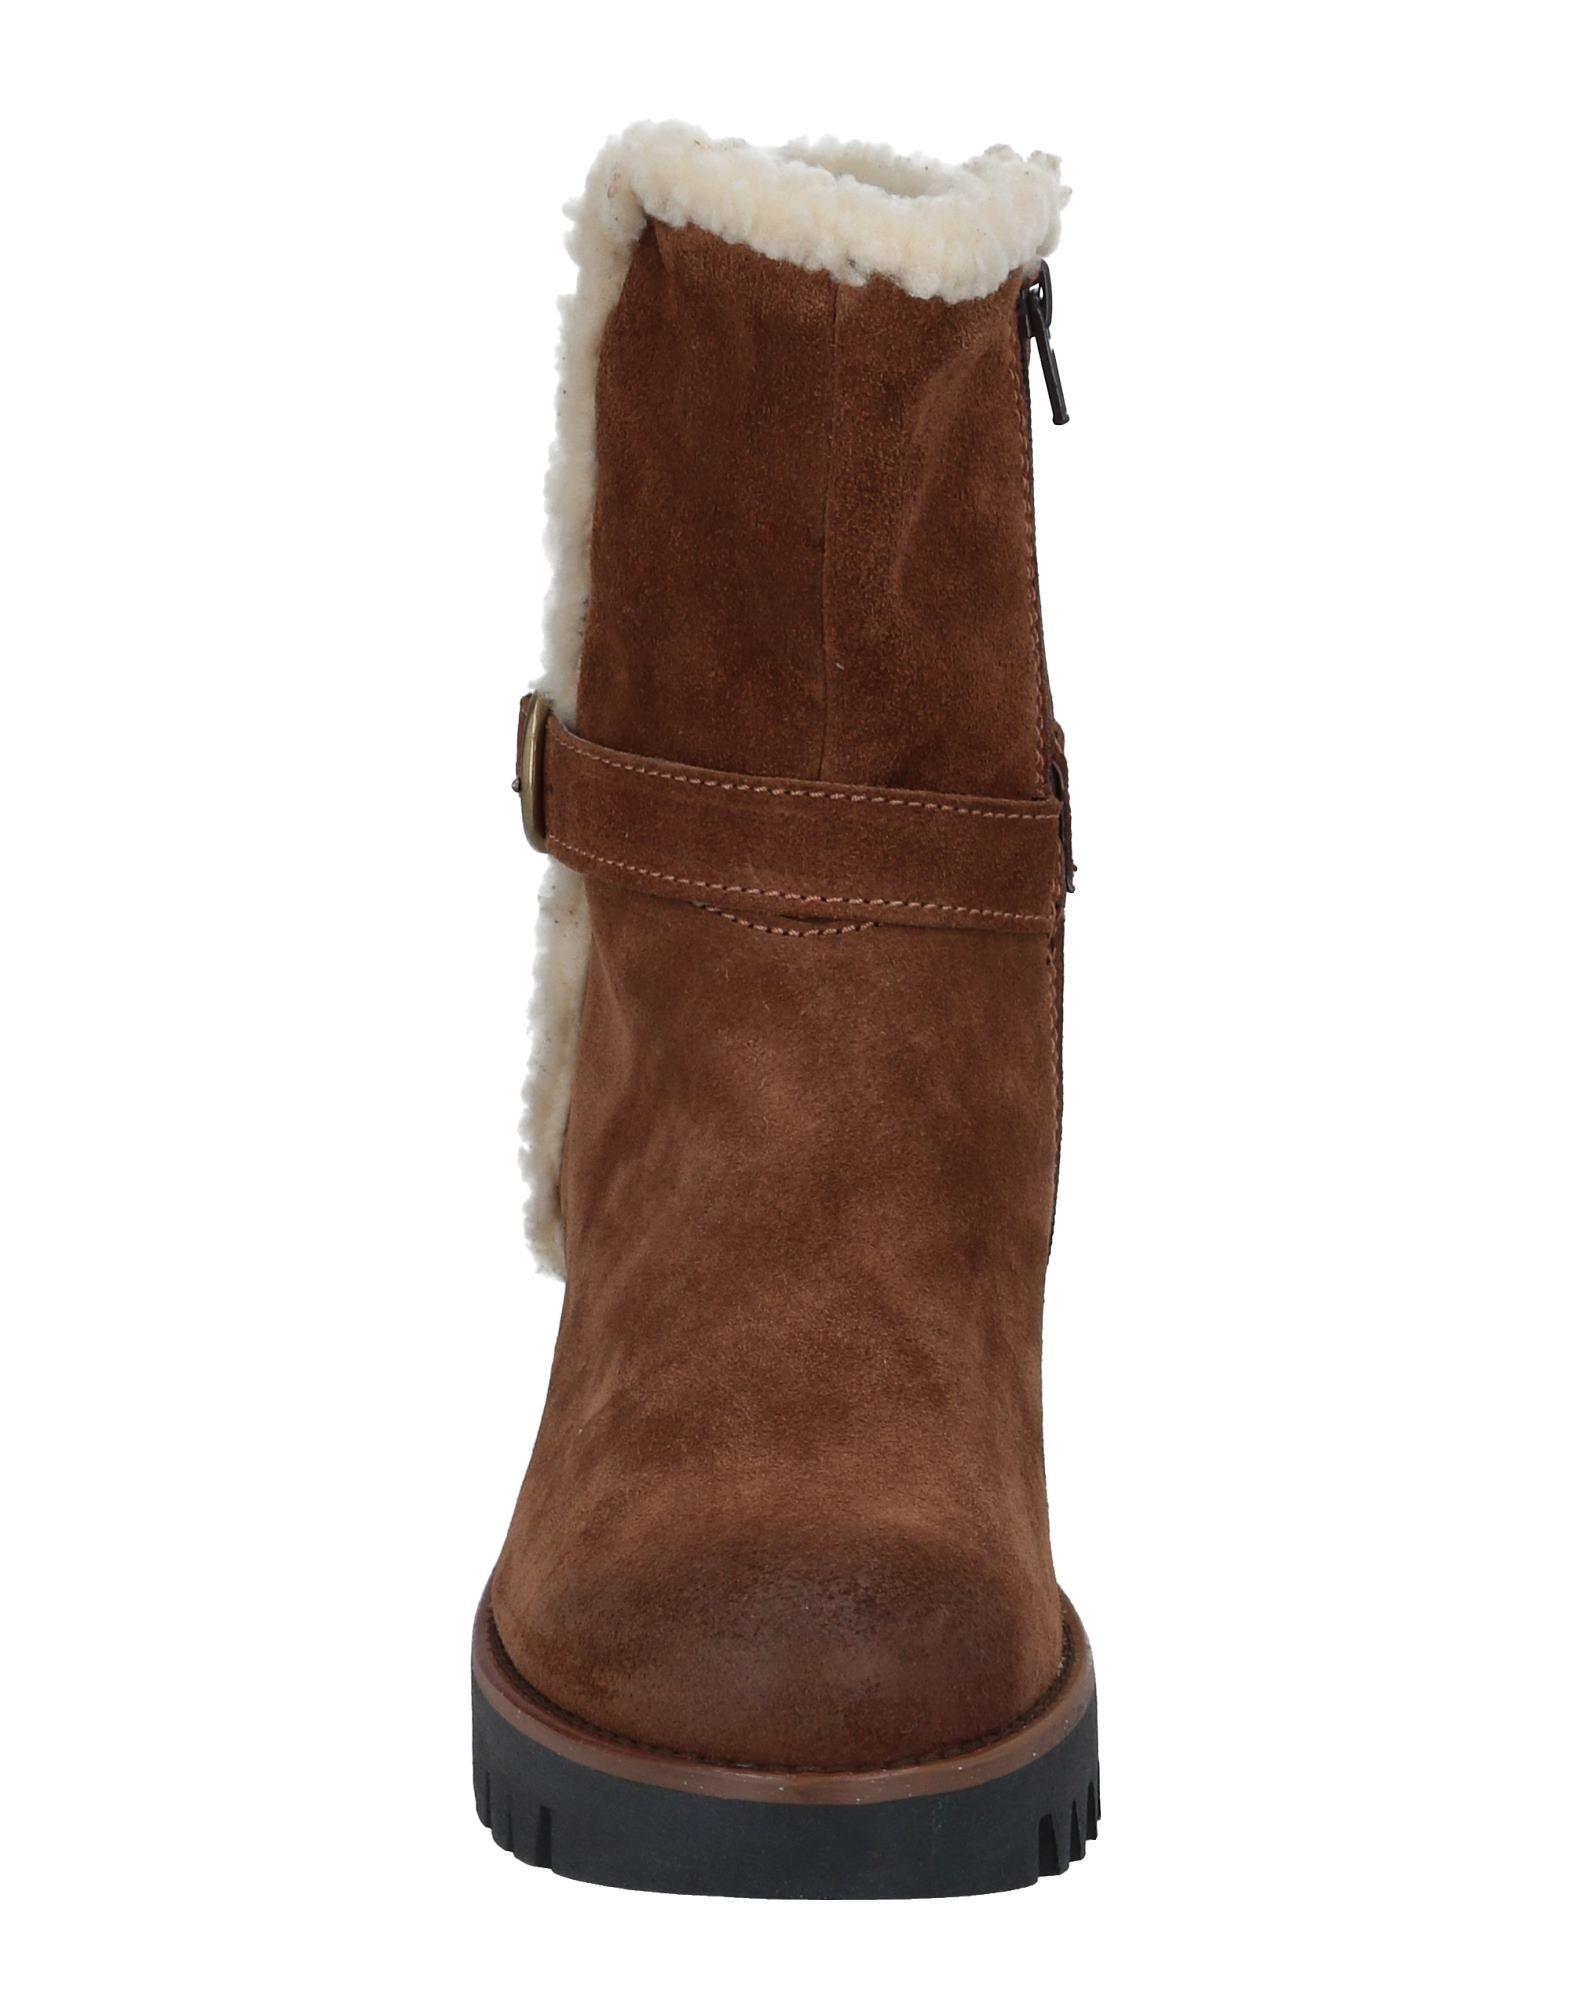 Manas Stiefelette Damen  11512707WB Gute Qualität beliebte Schuhe